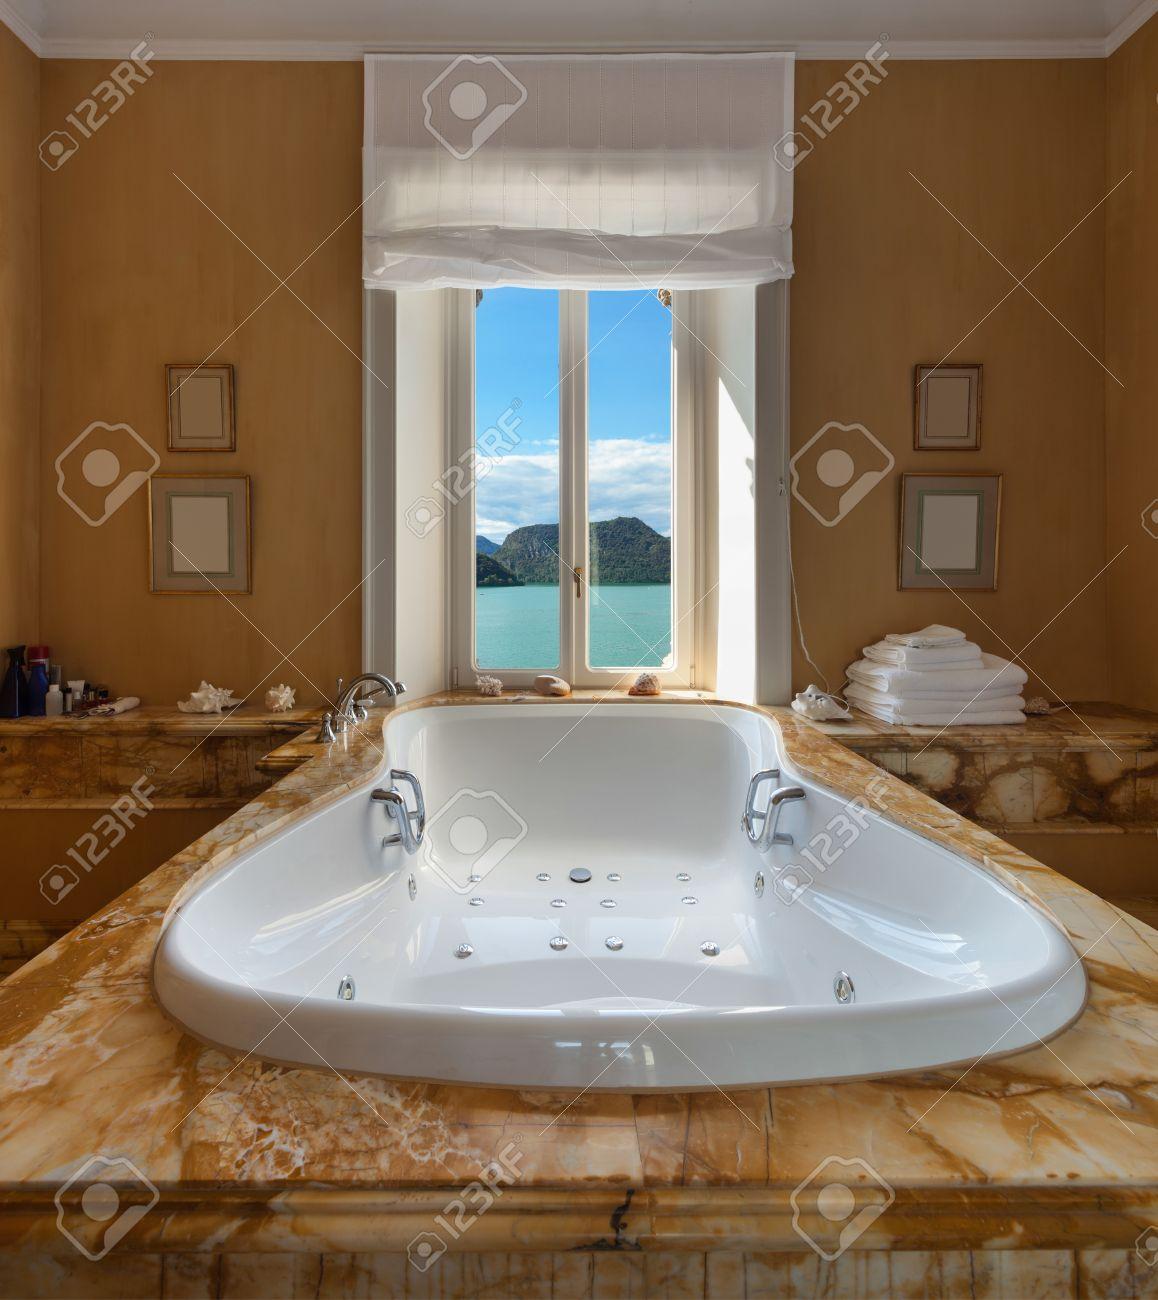 banque dimages intrieur dune maison de luxe belle salle de bain avec jacuzzi - Salle De Bain De Luxe Avec Jacuzzi